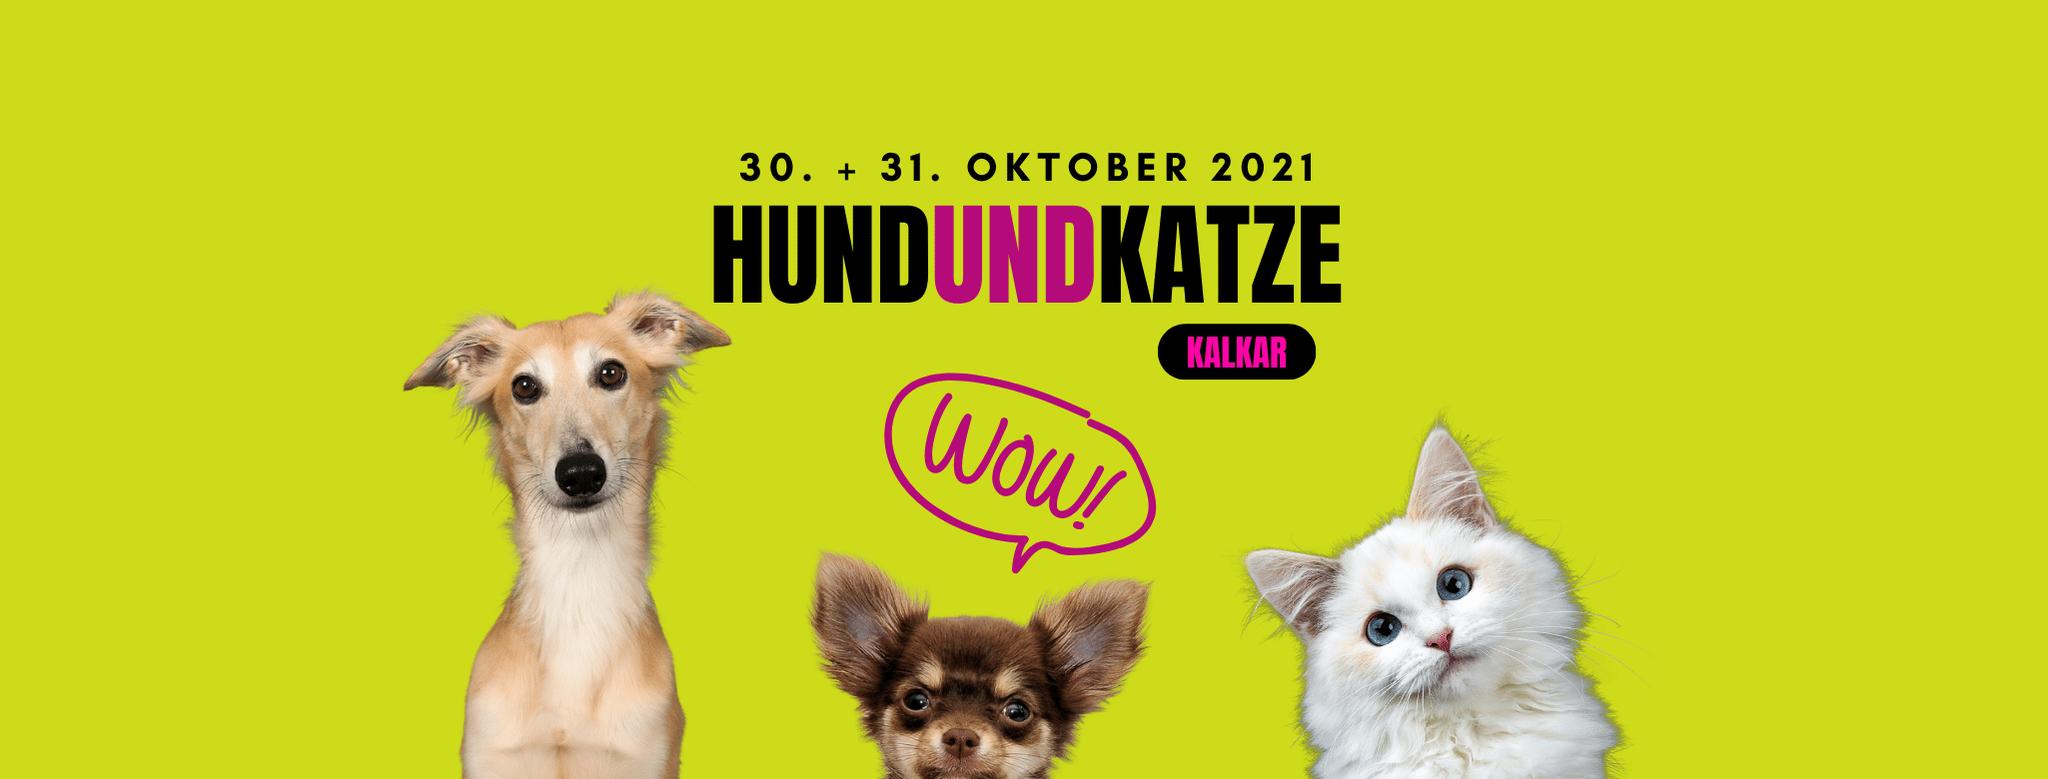 HUND und KATZE Niederrhein 2021